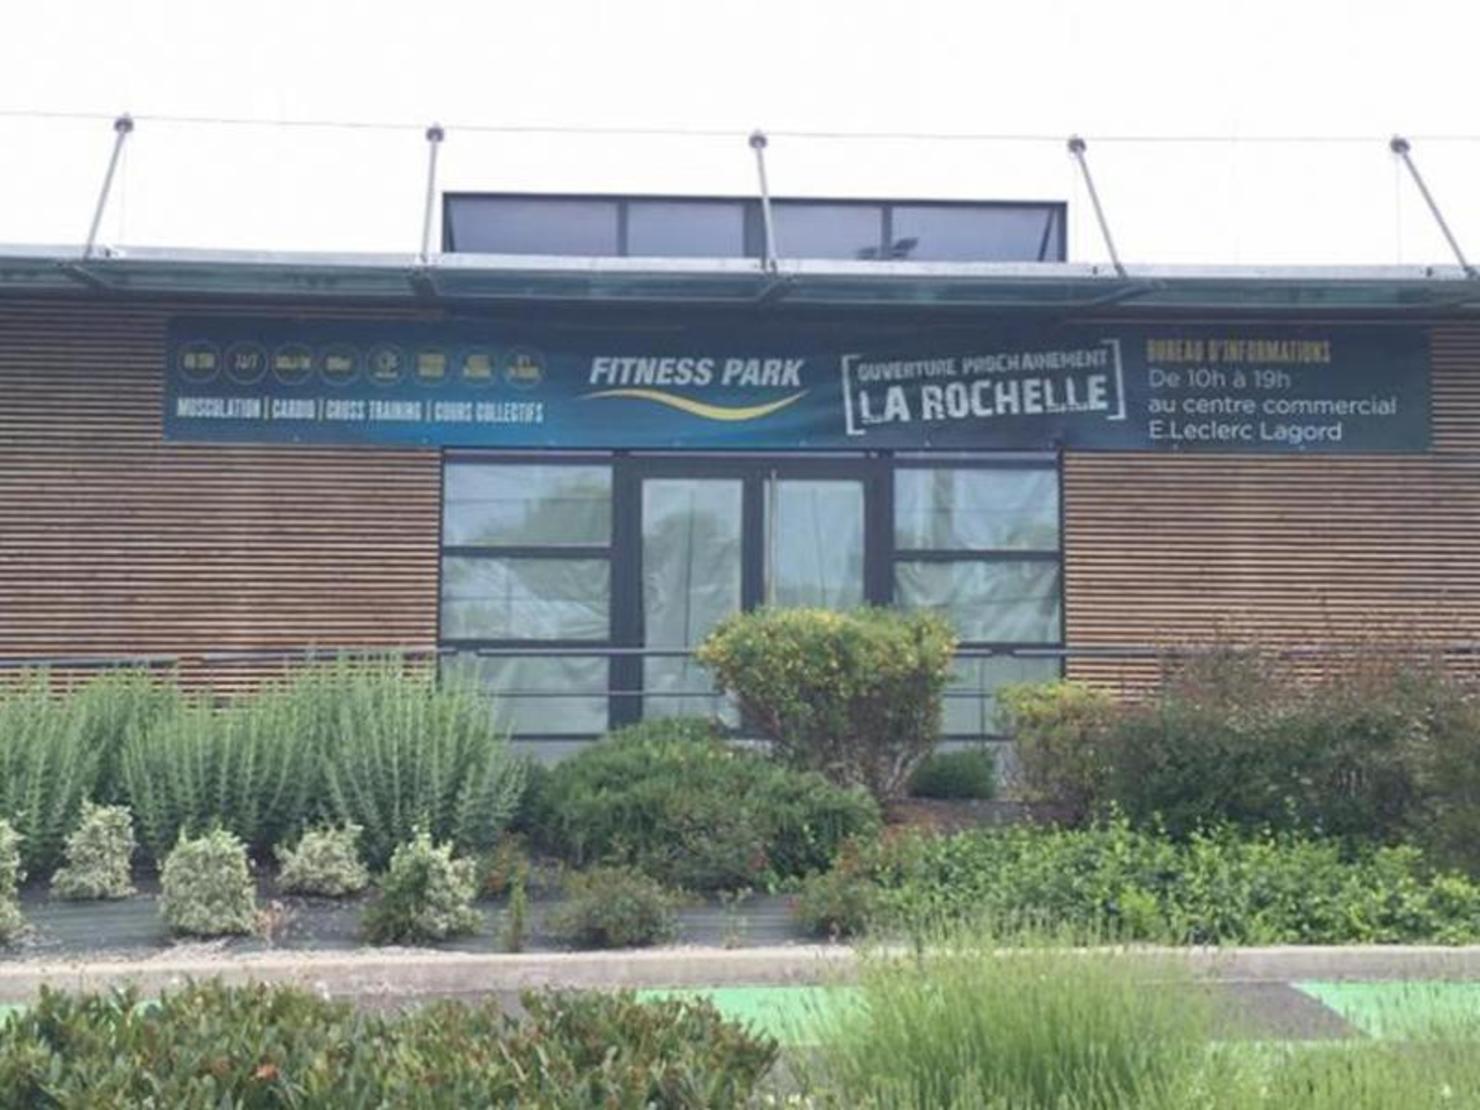 Fitness Park La Rochelle-0